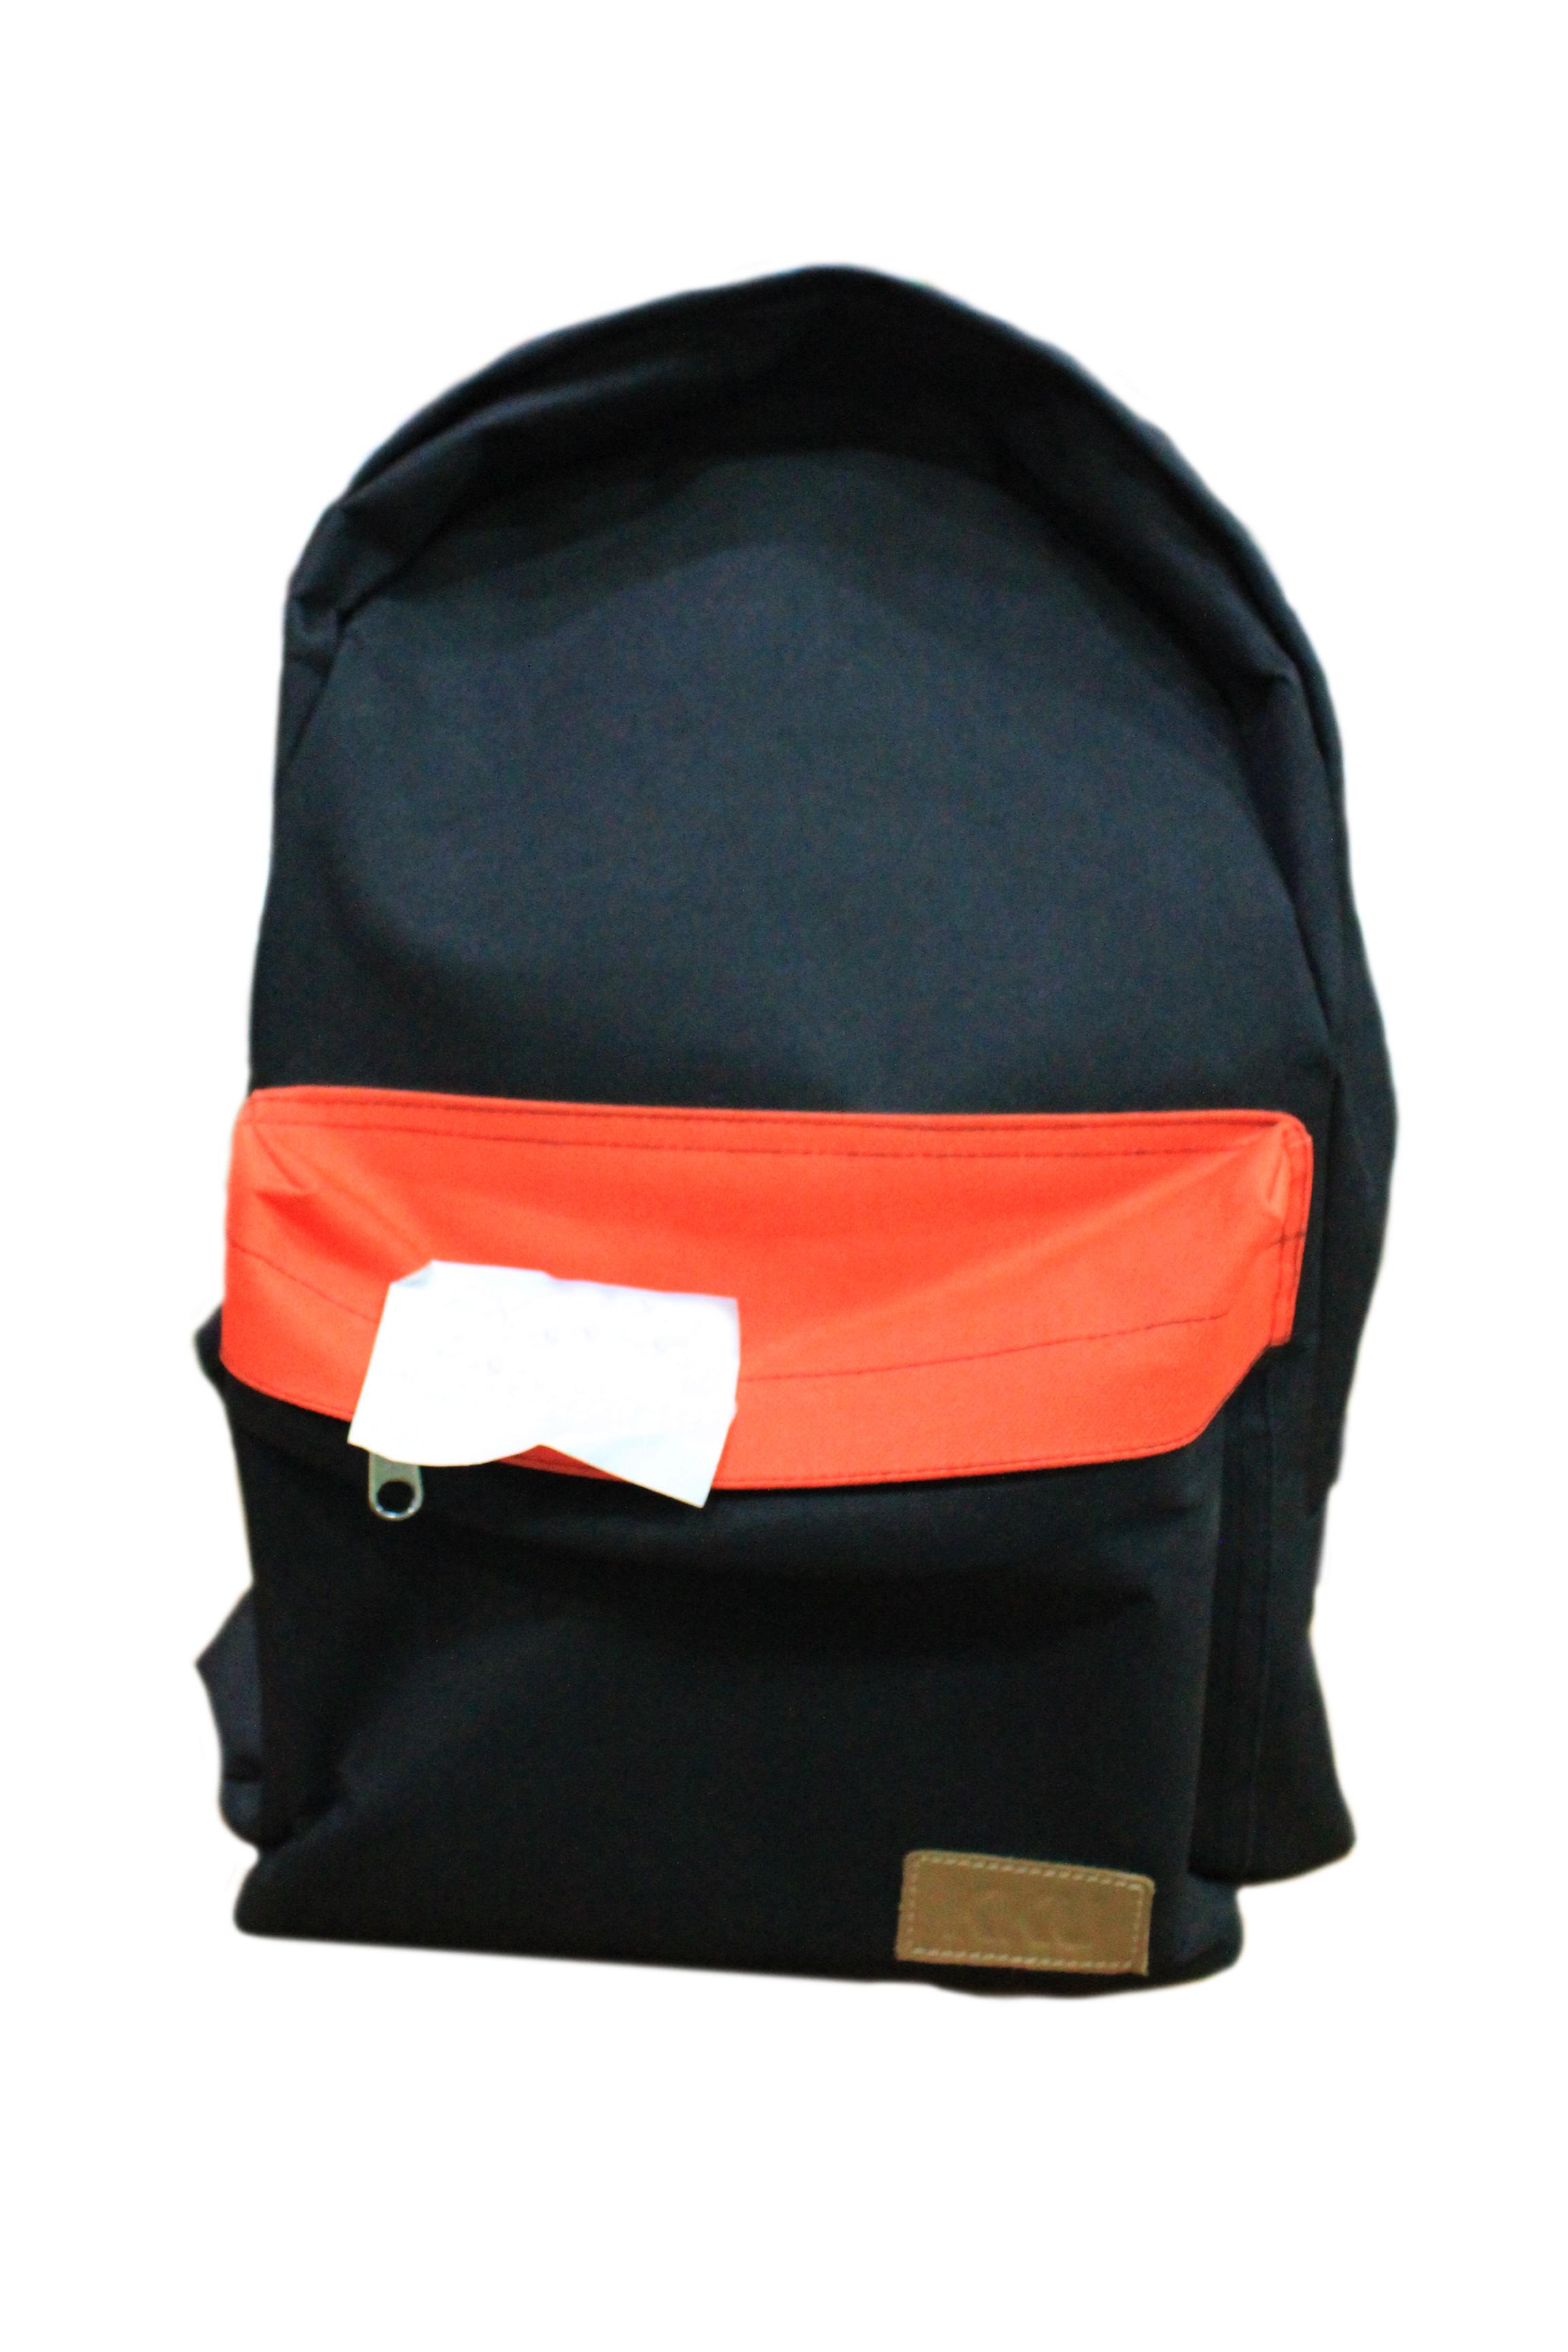 กระเป๋าเป้ สีดำคาดส้ม